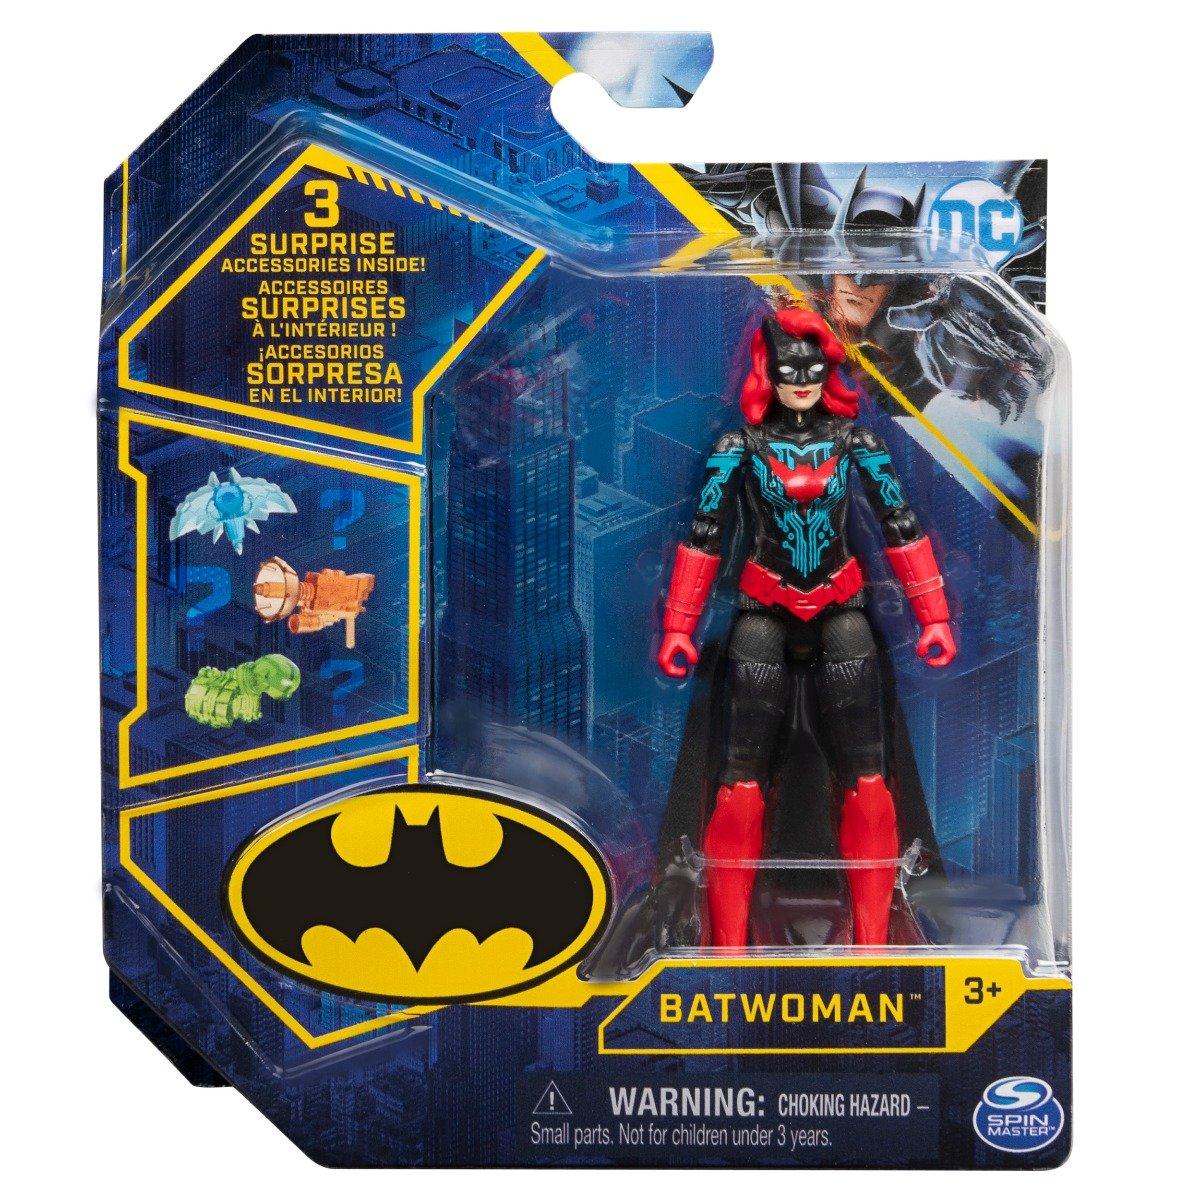 Set Figurina cu accesorii surpriza Batman, Batwoman 20129915